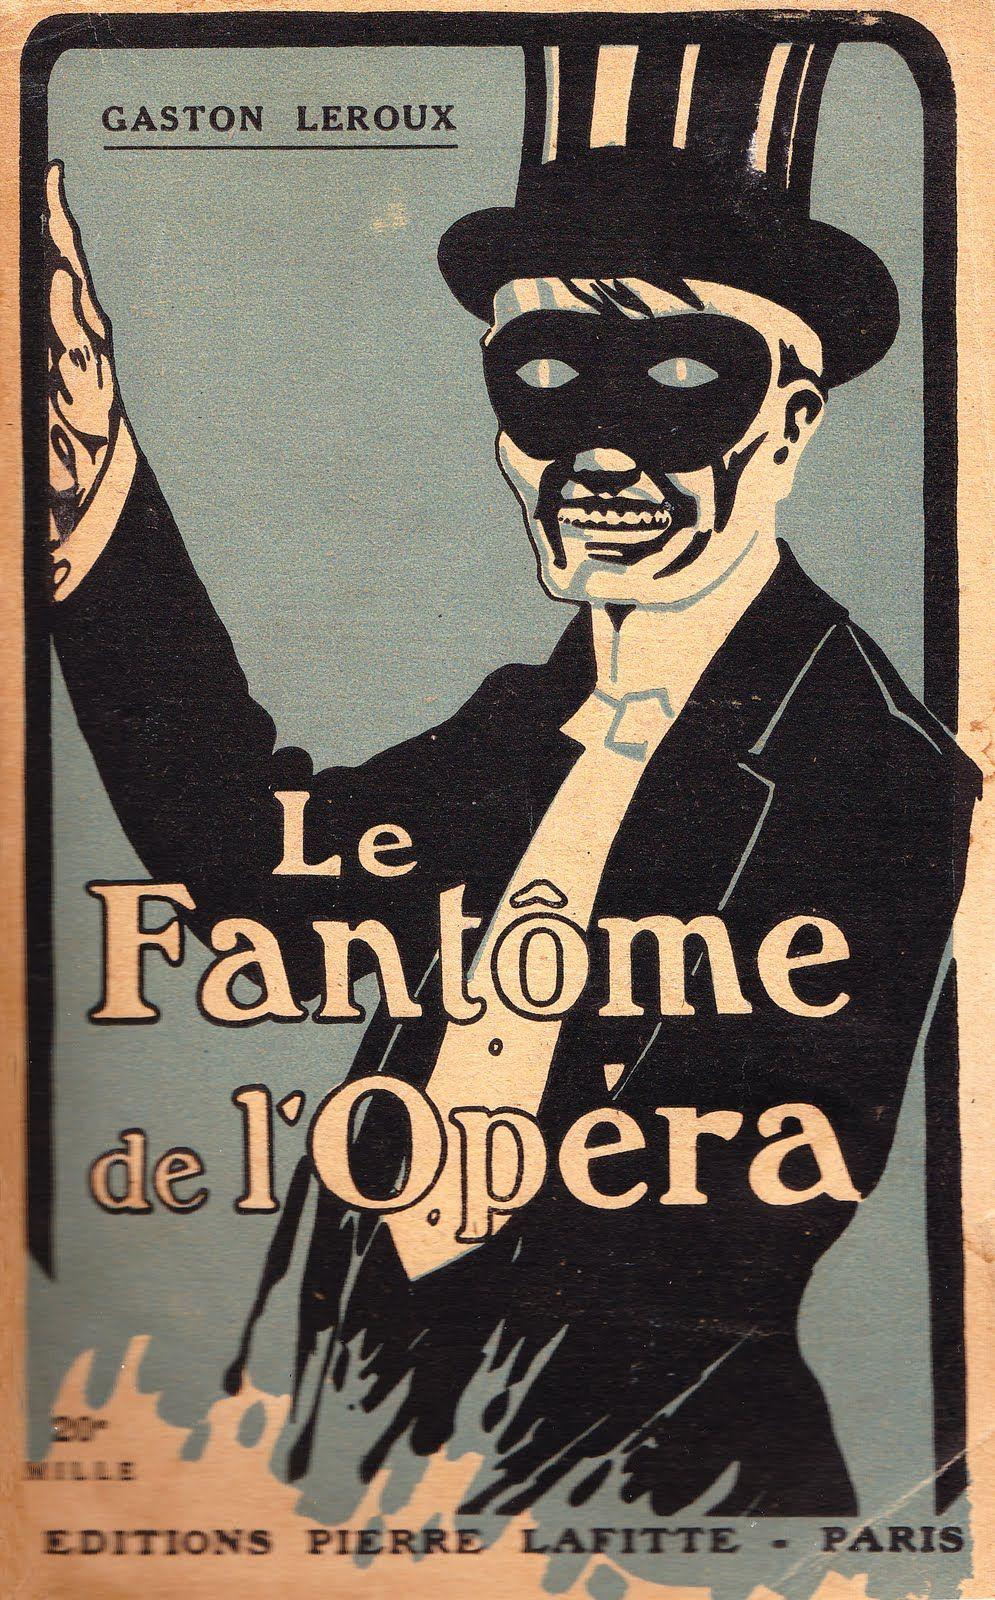 Esta canción está inspirada en la clásica novela de 1910 del mismo nombre por el autor francés Gaston Leroux (1868-1927), en que se basa el famoso espectáculo de Broadway de Andrew Lloyd Webber.  mas info aca